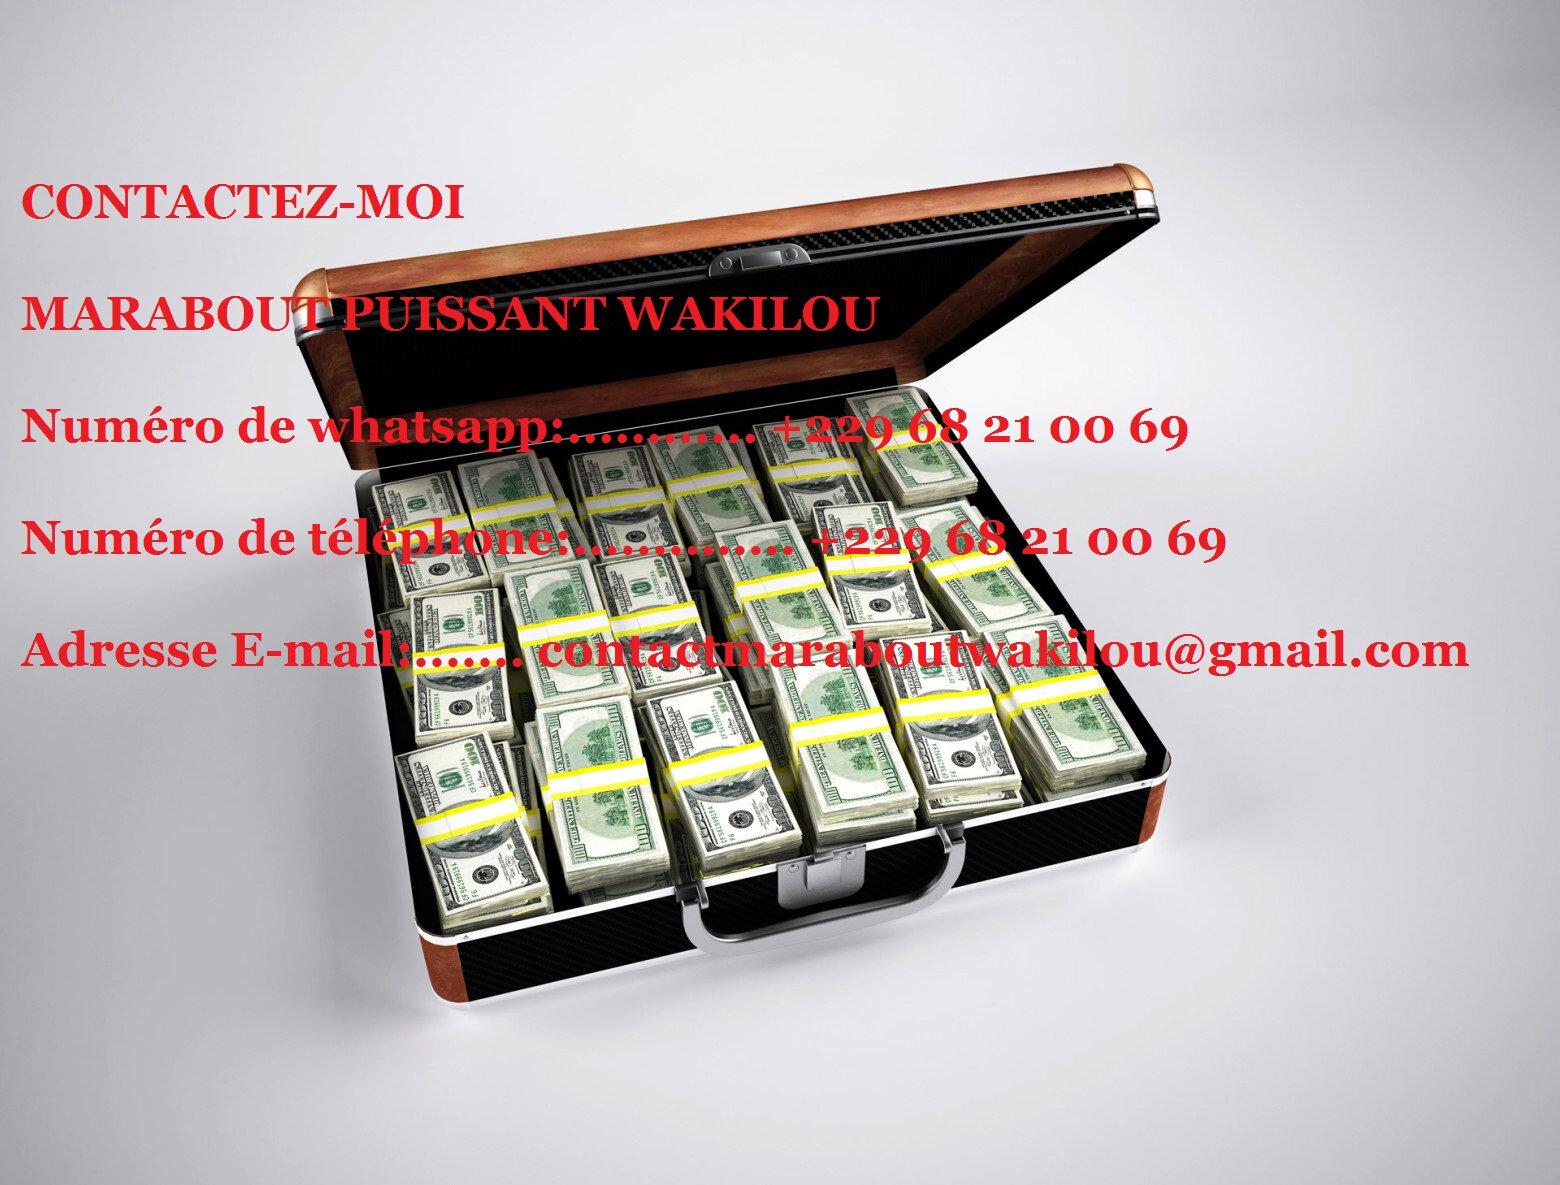 Les dangers du valise magique,Valise magique en Euro,Valise magique en dollars,Valise magique en Fcfa,Valise magique conséquence